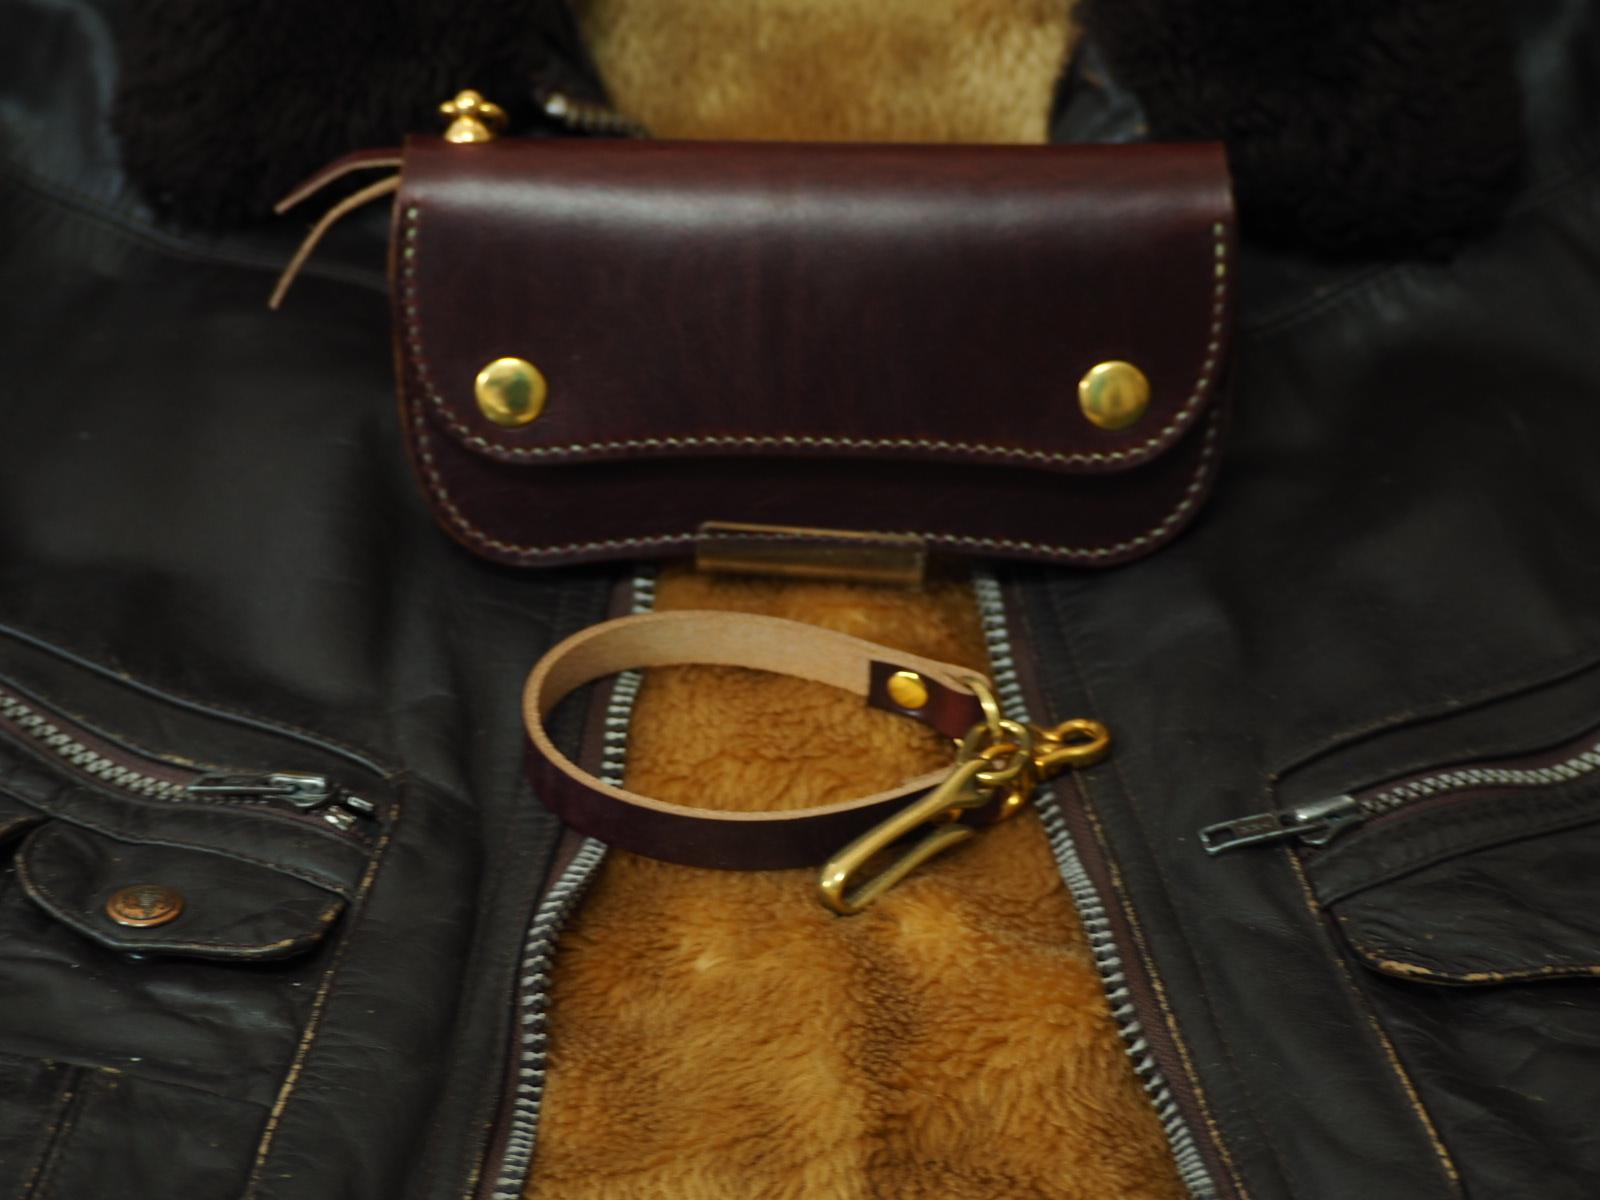 ワークブーツに採用される実績あるアメリカのタフな革 クロムエクセルレザー×国産サドルのトラッカーウォレット type2  カラー/バーガンディ― ≪長財布≫